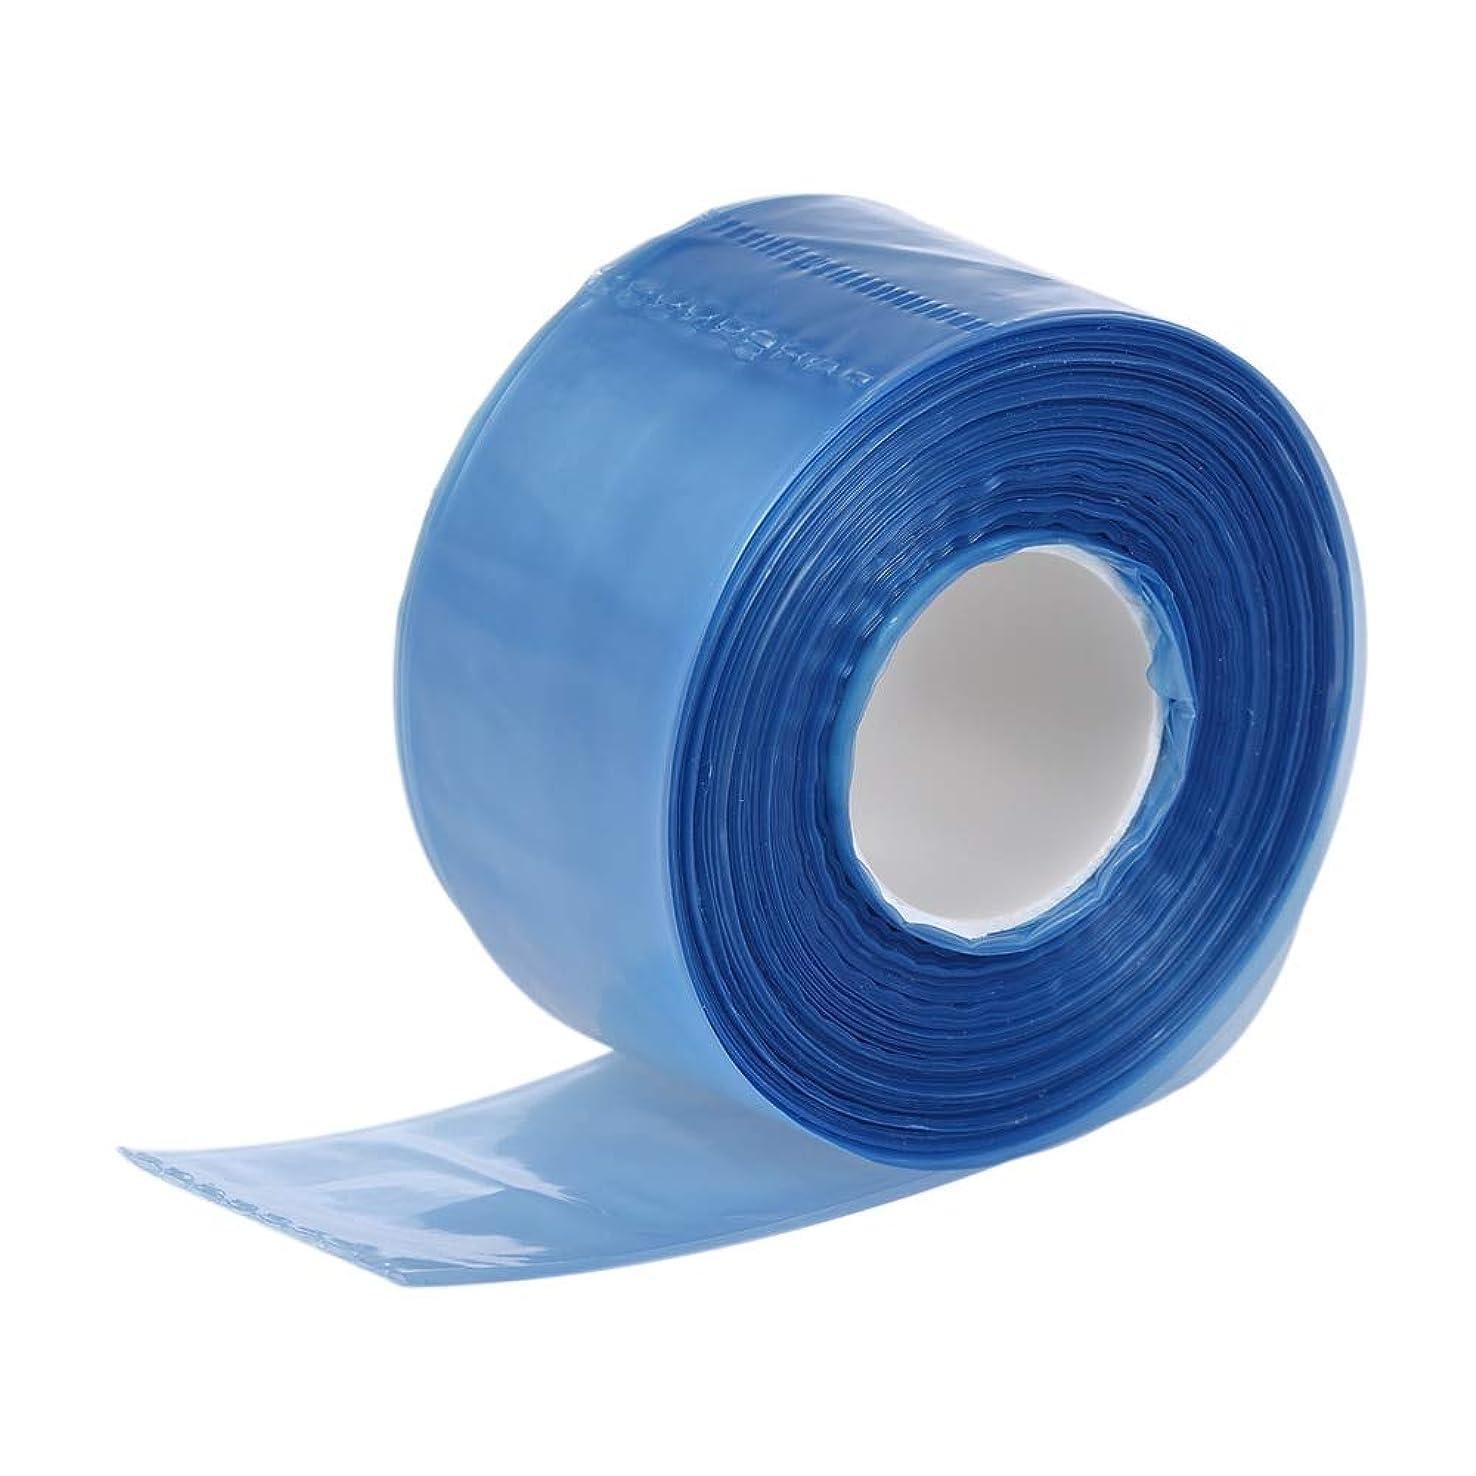 不透明な疑い魅惑的な200pcs/box Plastic Disposable Salon Hair Dyeing Coloring Protector Covers for Glasses Legs Slender Bag DIY Hair Styling Tool